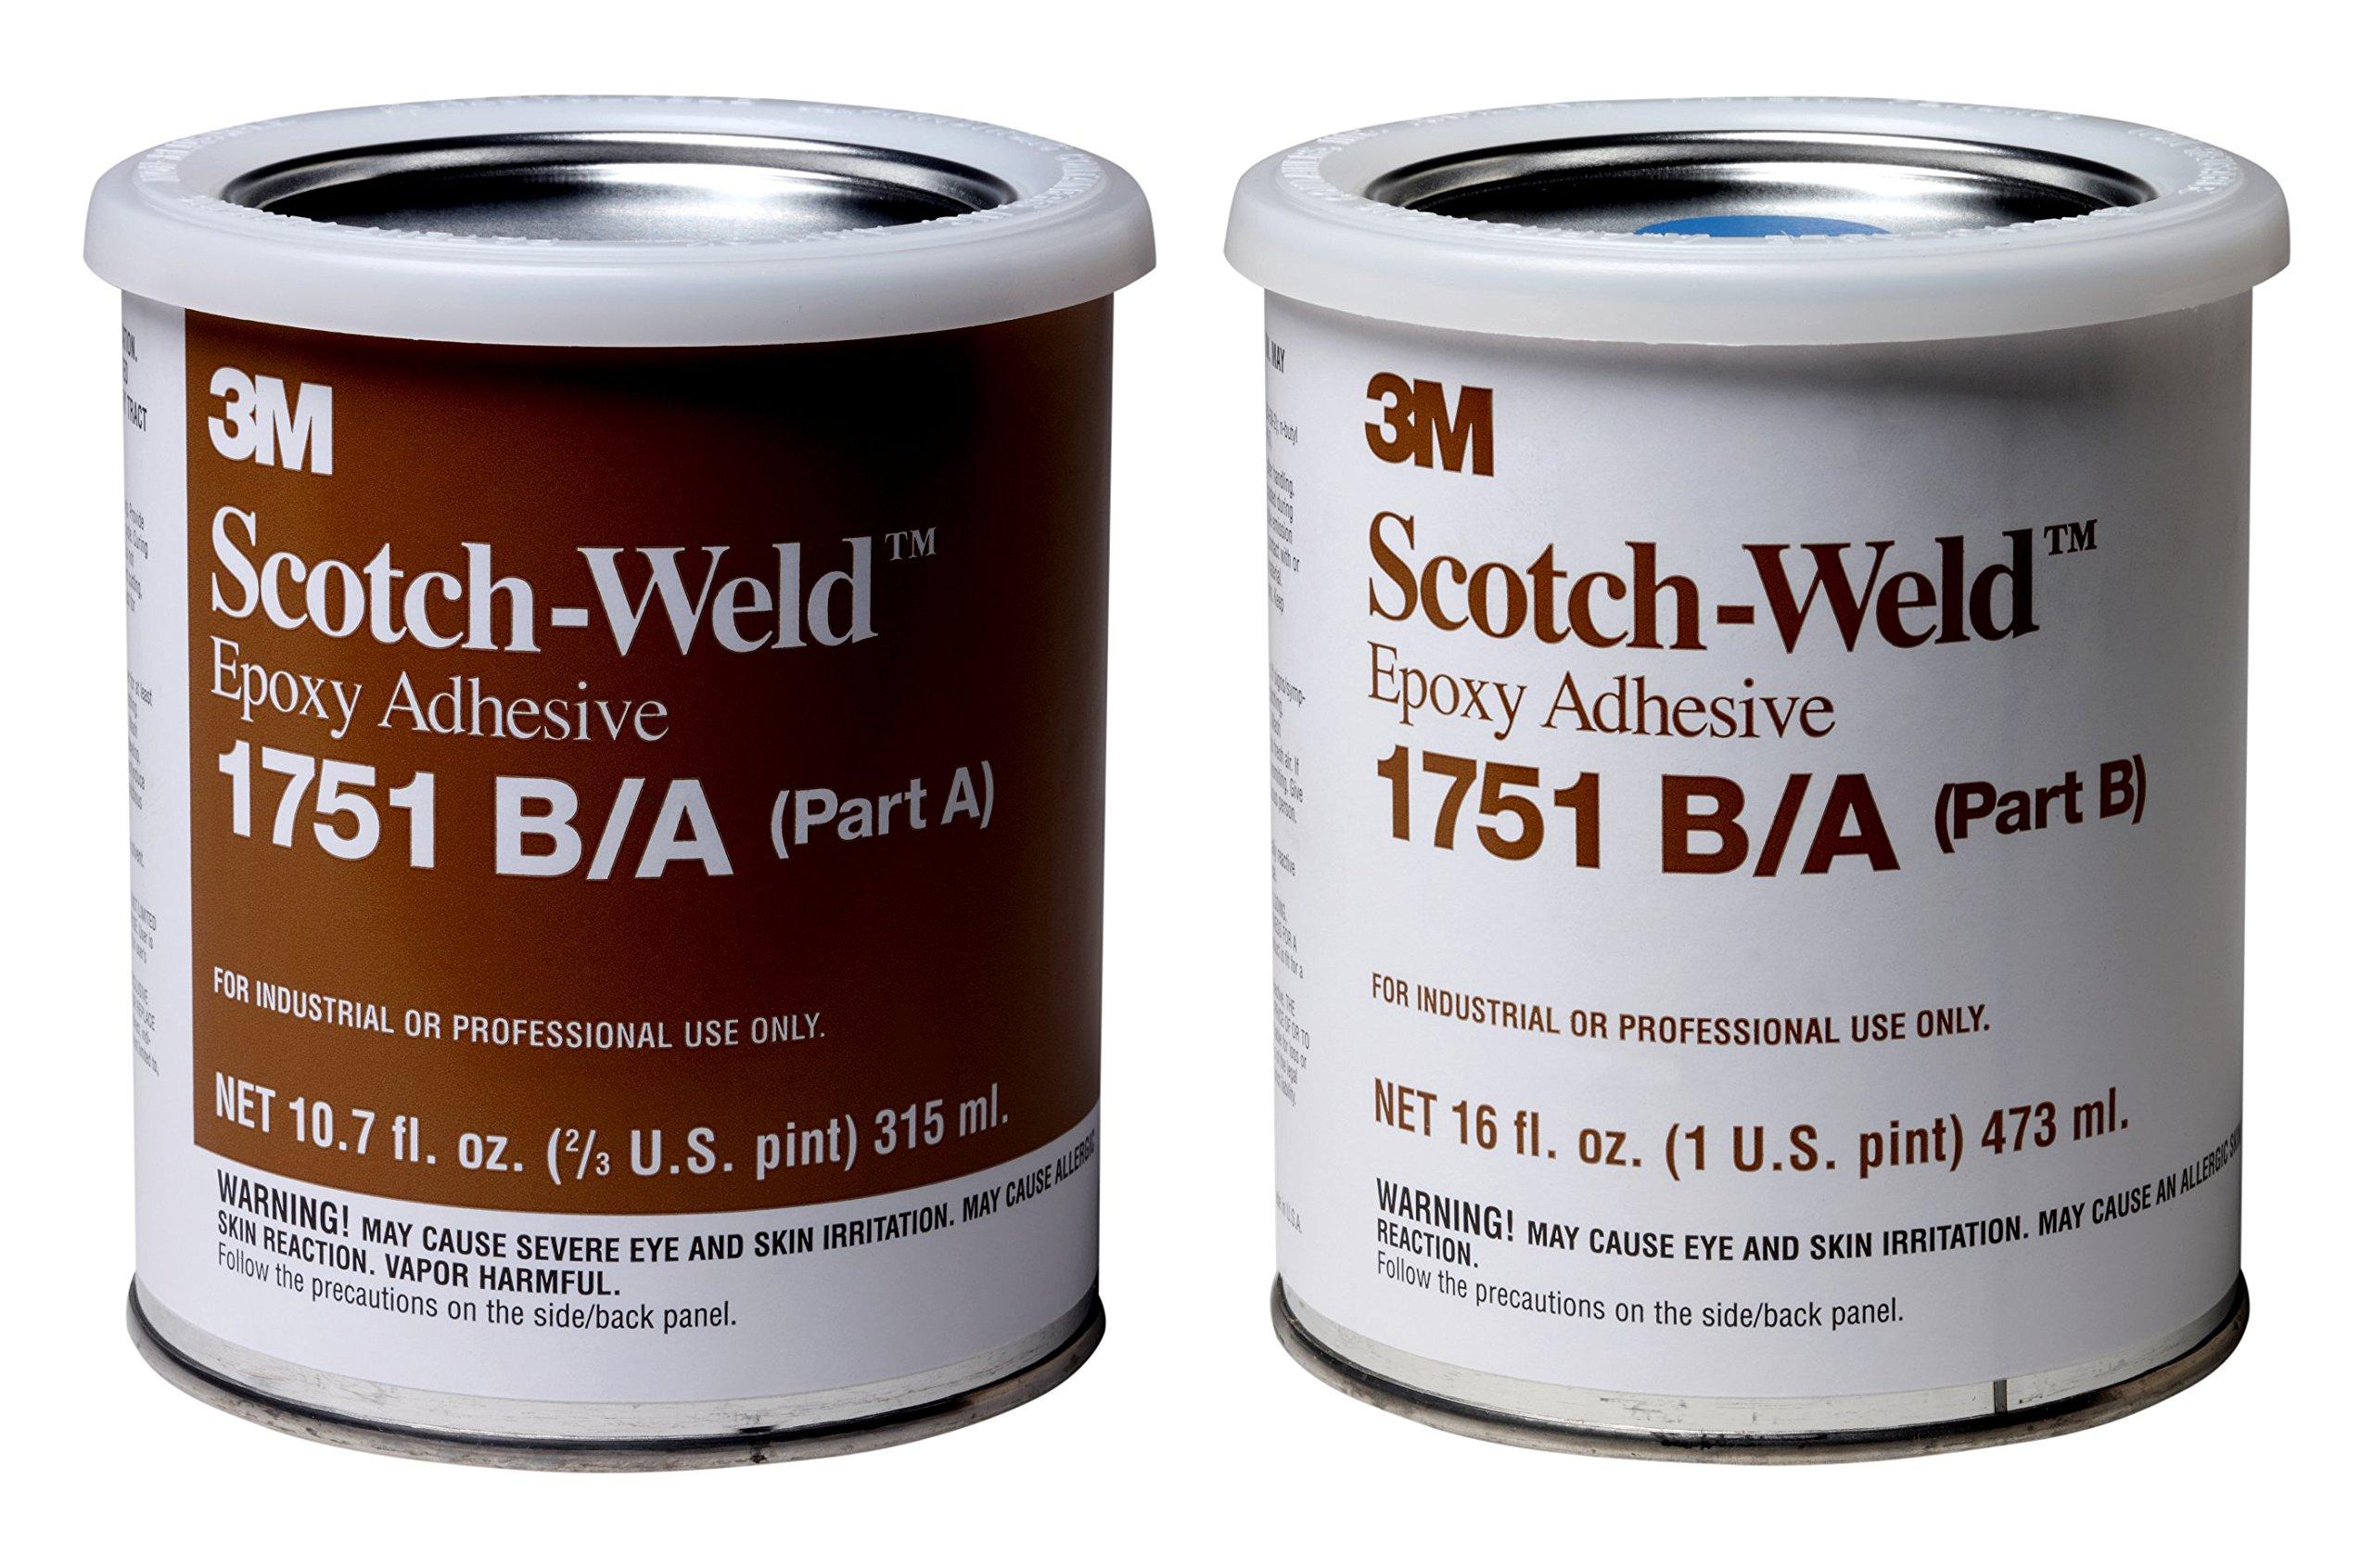 3M Scotch-Weld 20101 Epoxy Adhesive 1751 Part B/A, Gray, 1 pint Kit